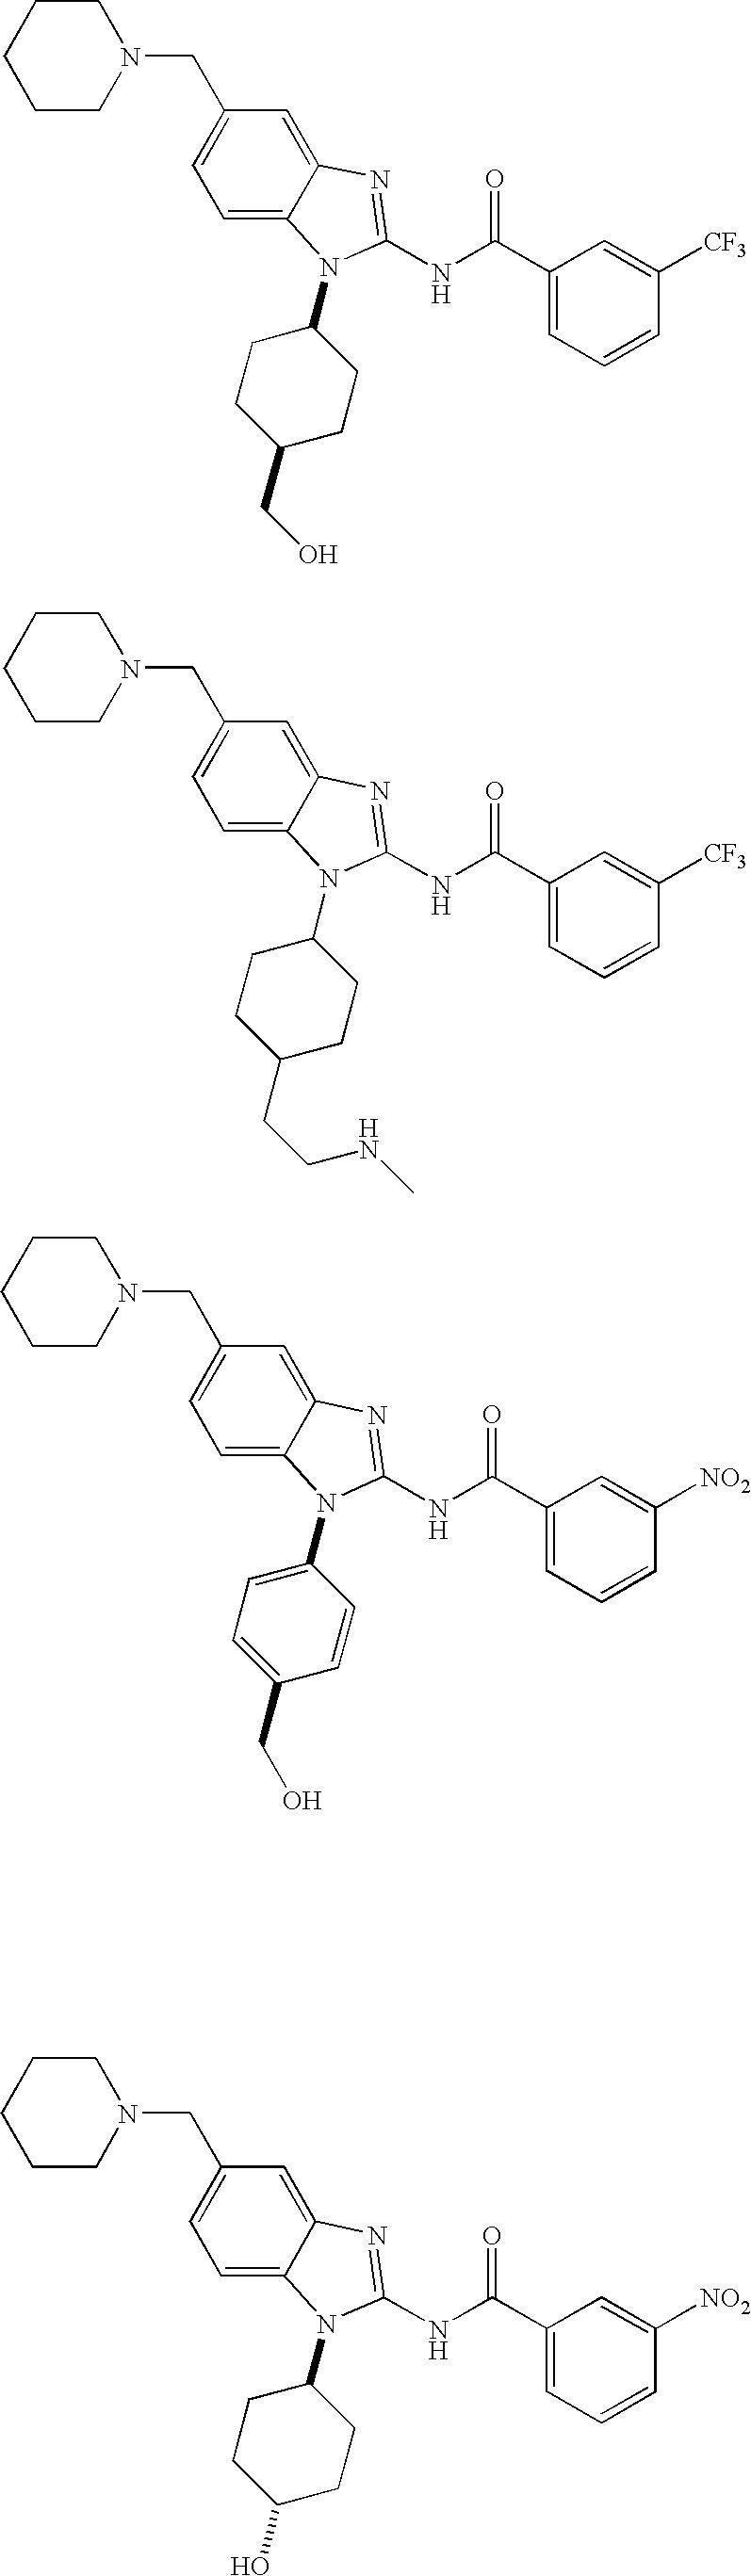 Figure US07132438-20061107-C00066